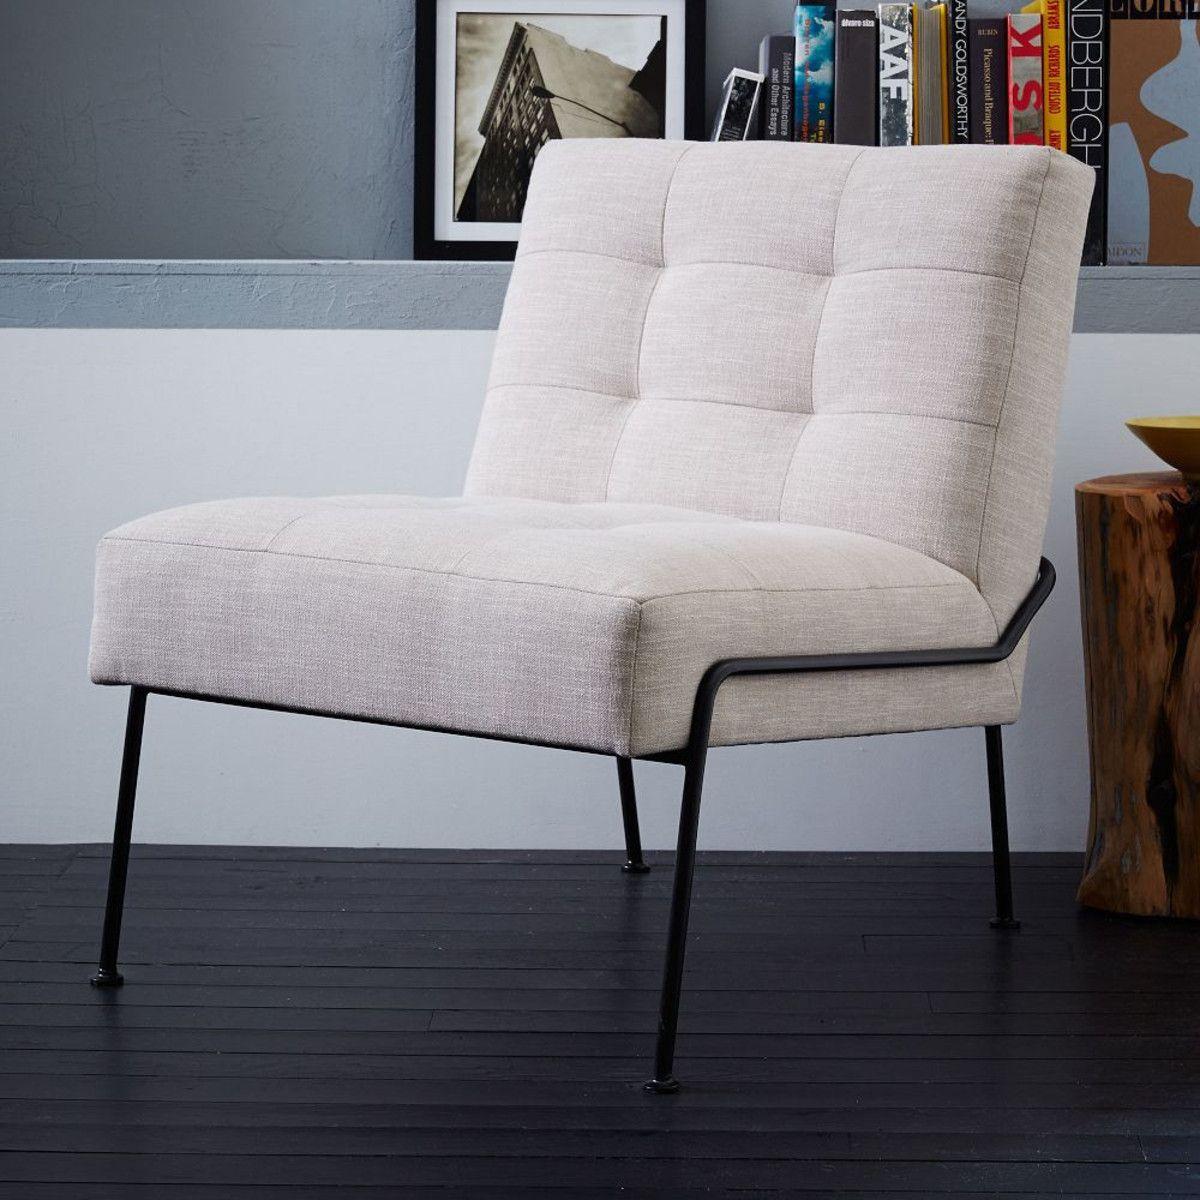 Slipper Chair Oswald Tufted Slipper Chair West Elm Furnishings Pinterest